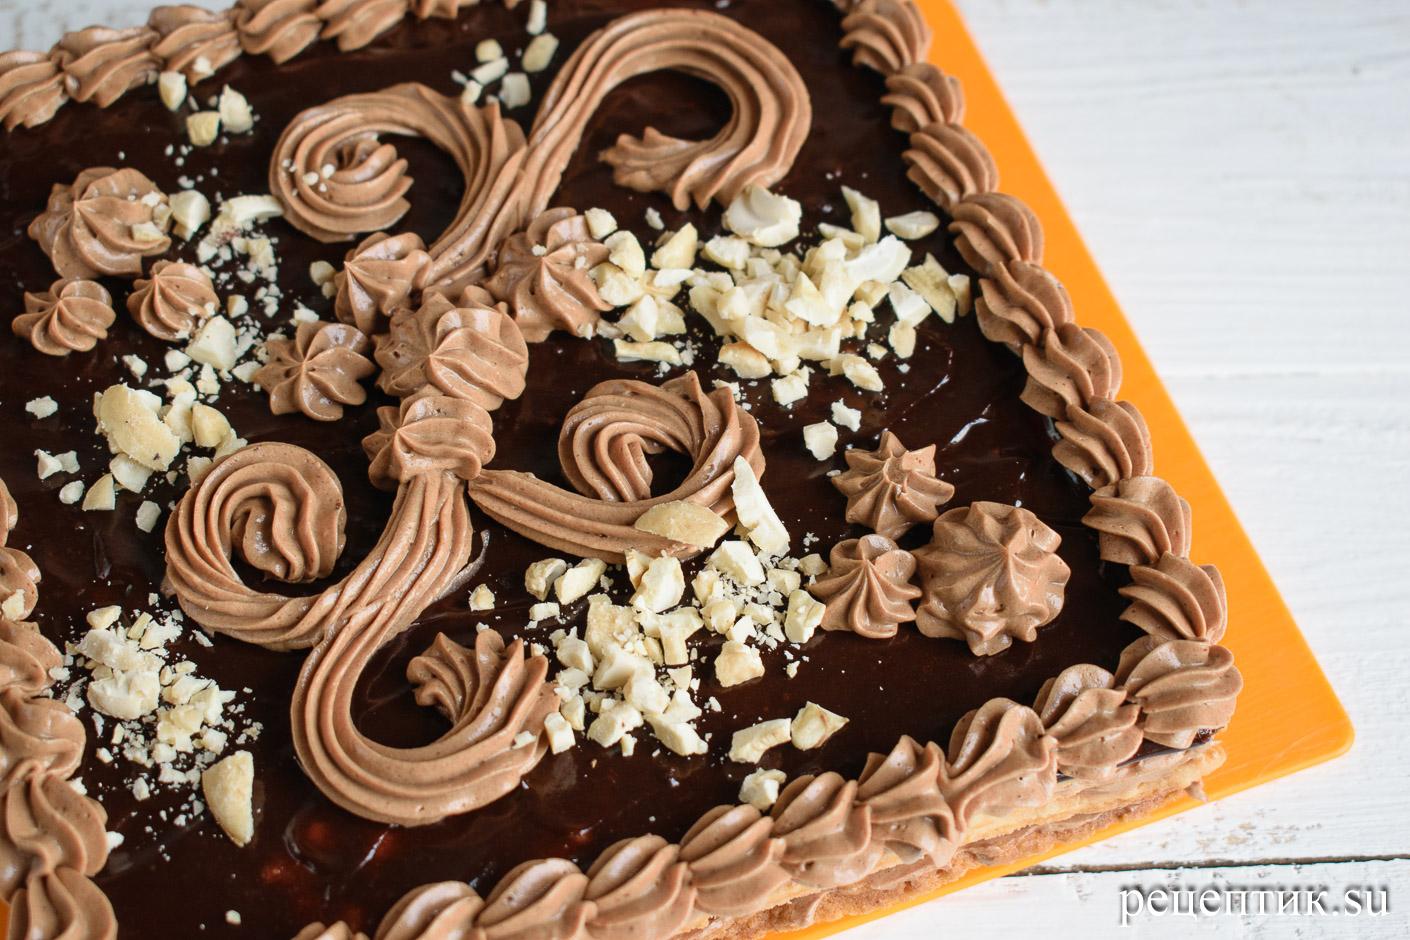 Торт «Ленинградский» — песочный торт с шоколадным масляным кремом - рецепт с фото, шаг 19